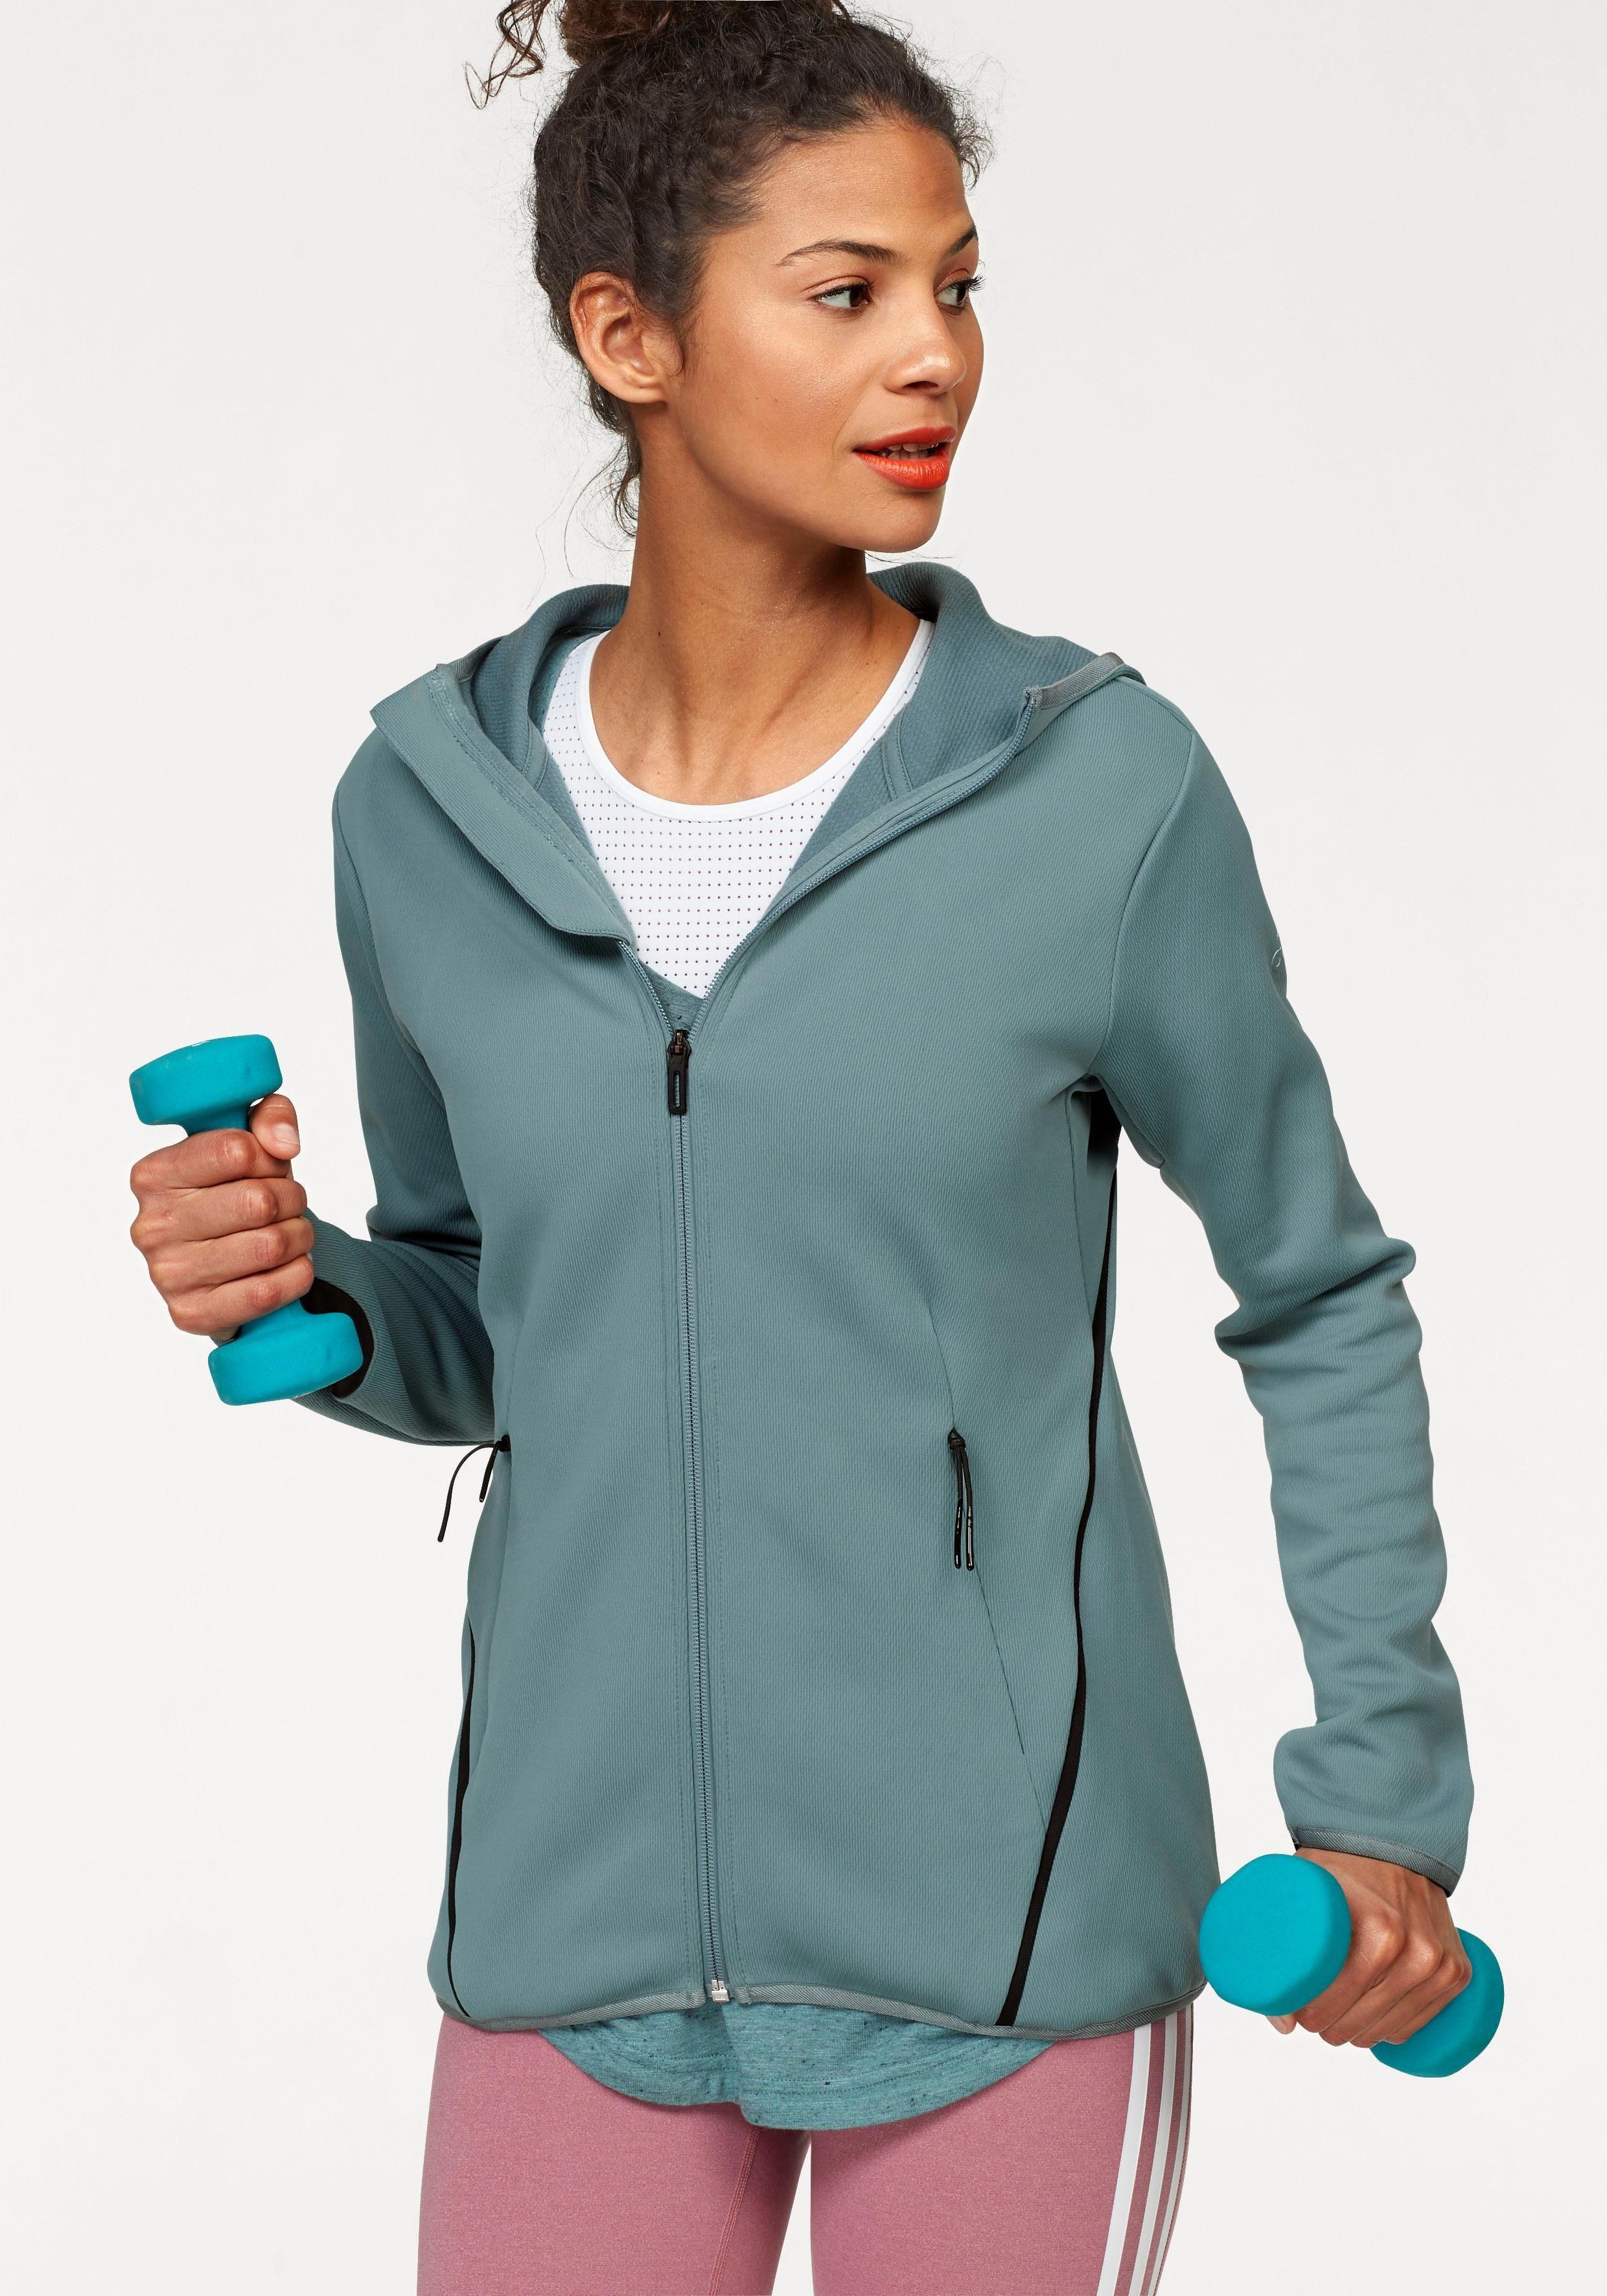 Trainingsjacken für Damen online kaufen   Damenmode